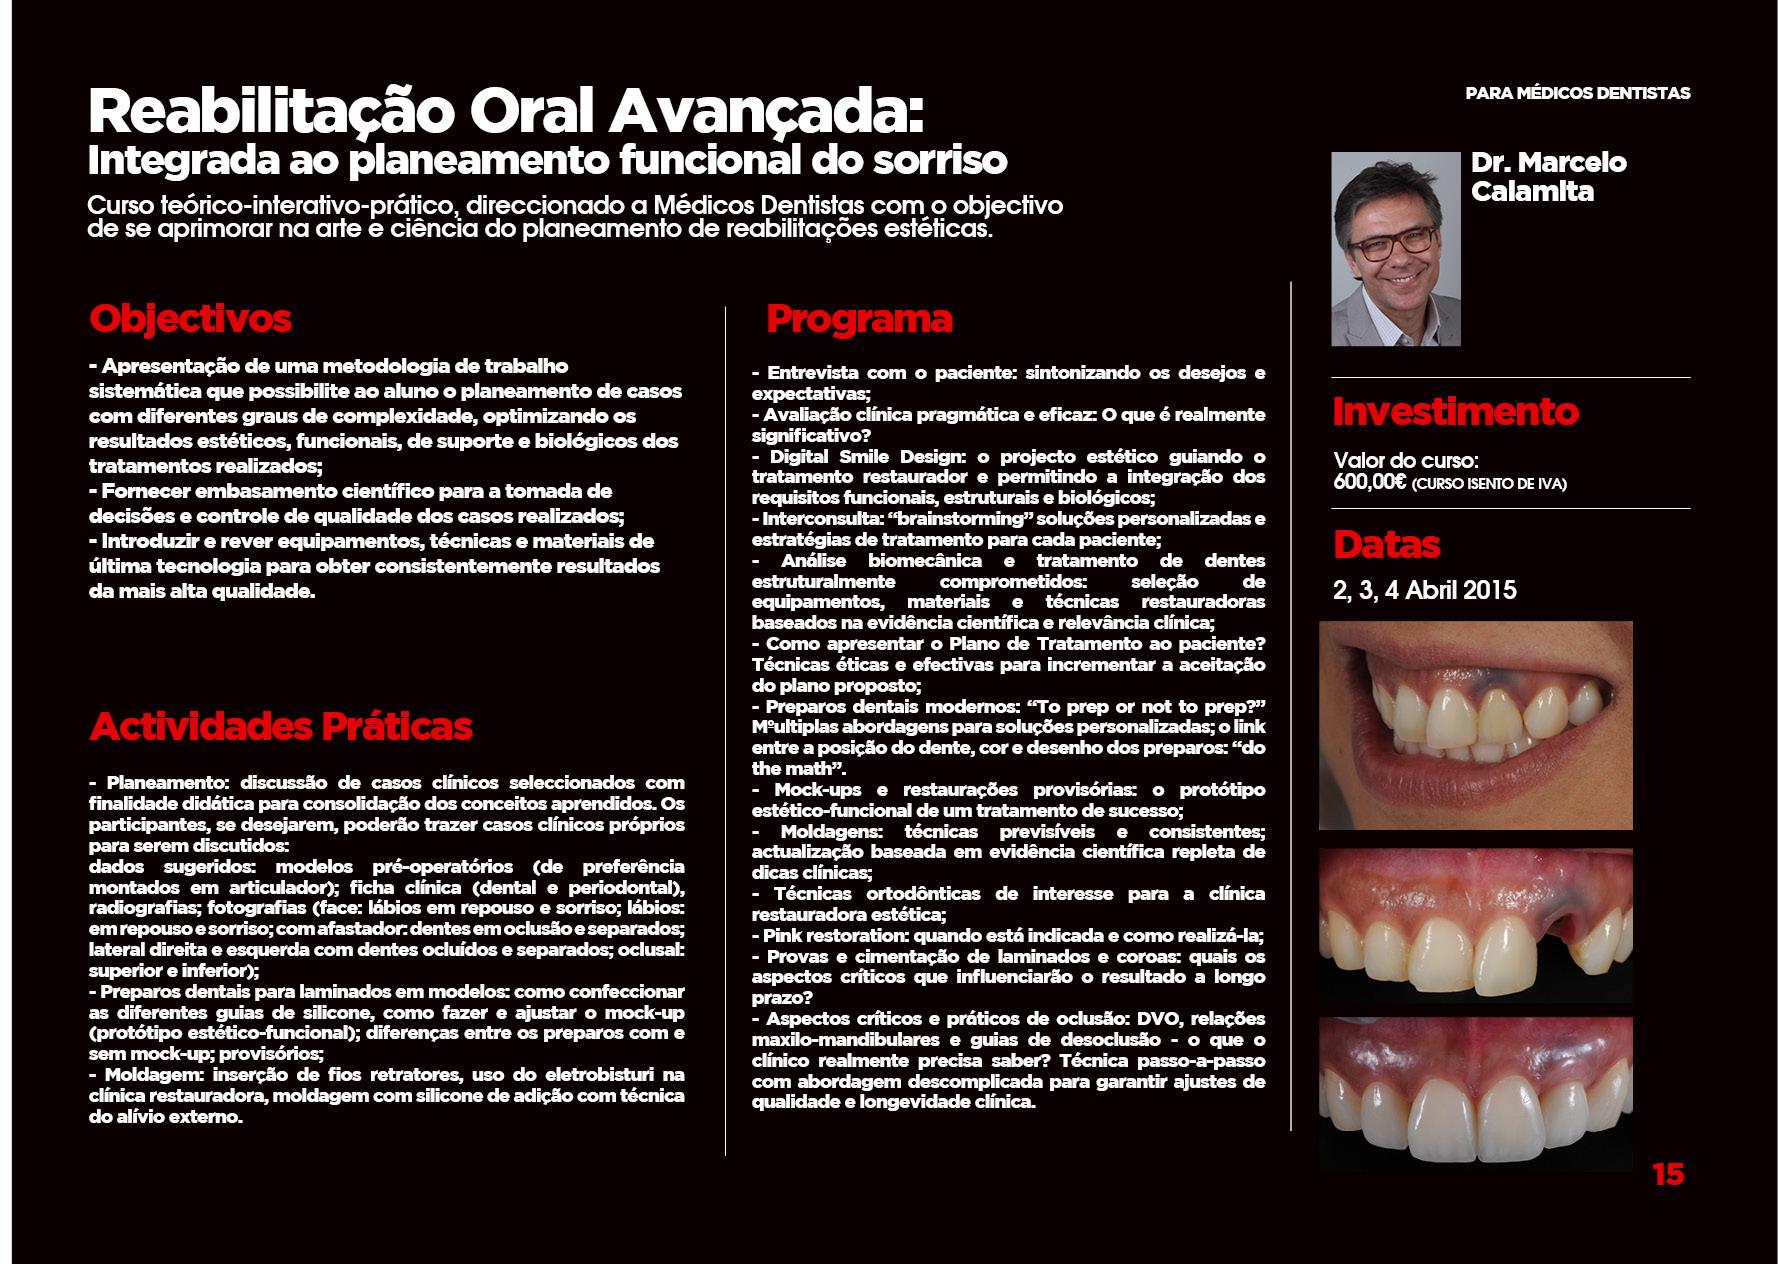 Curso Rehabilitaçao Oral Avançada